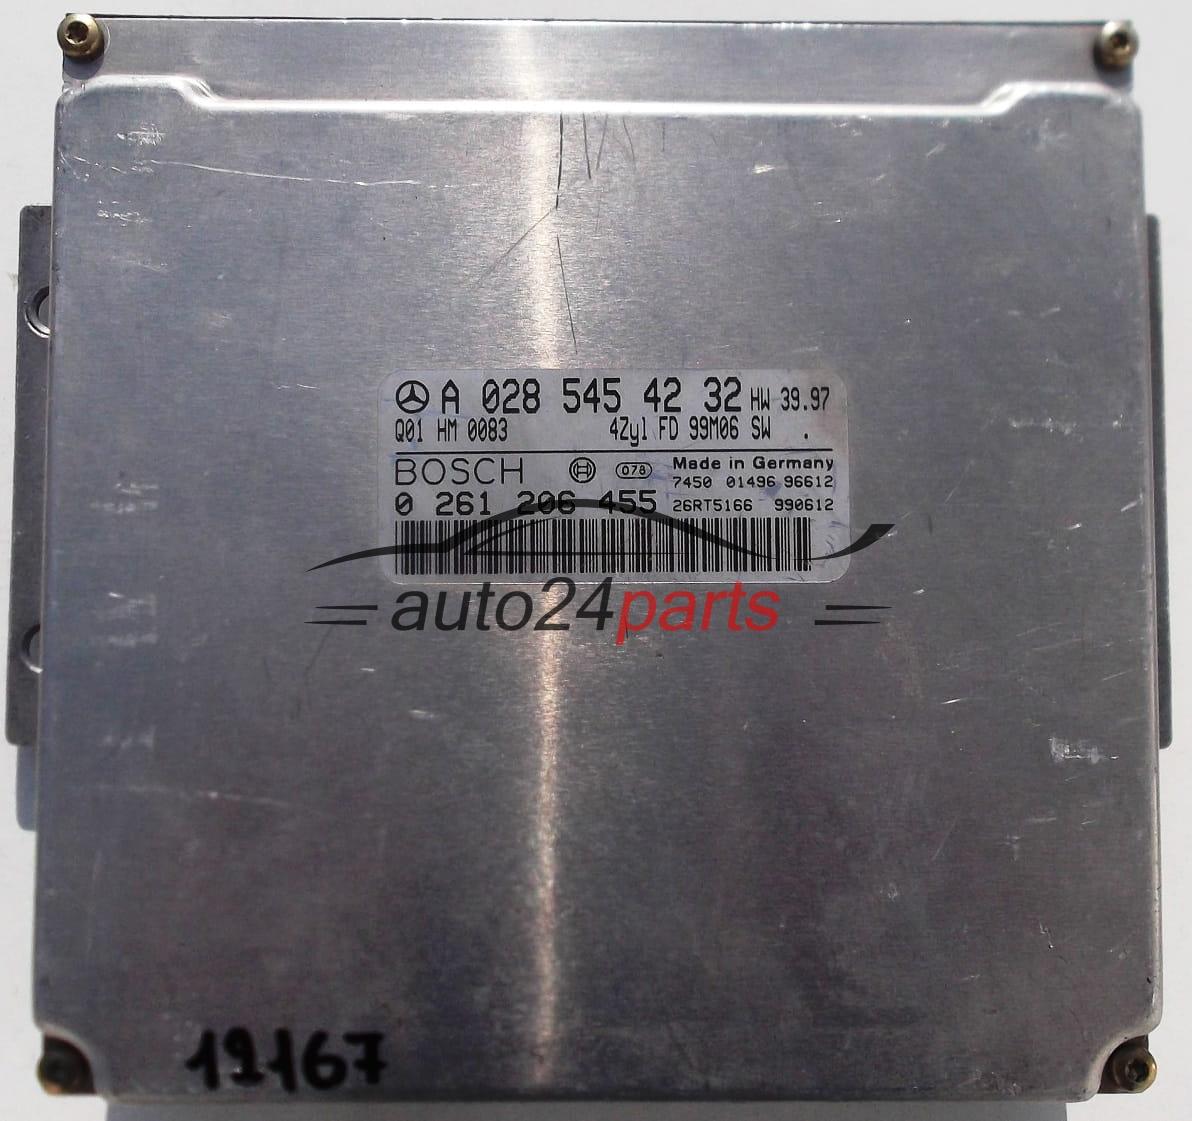 ECU ENGINE CONTROLLER MERCEDES C CLASS W202 1 8, BOSCH 0 261 206 455,  0261206455, A 028 545 42 32, A0285454232